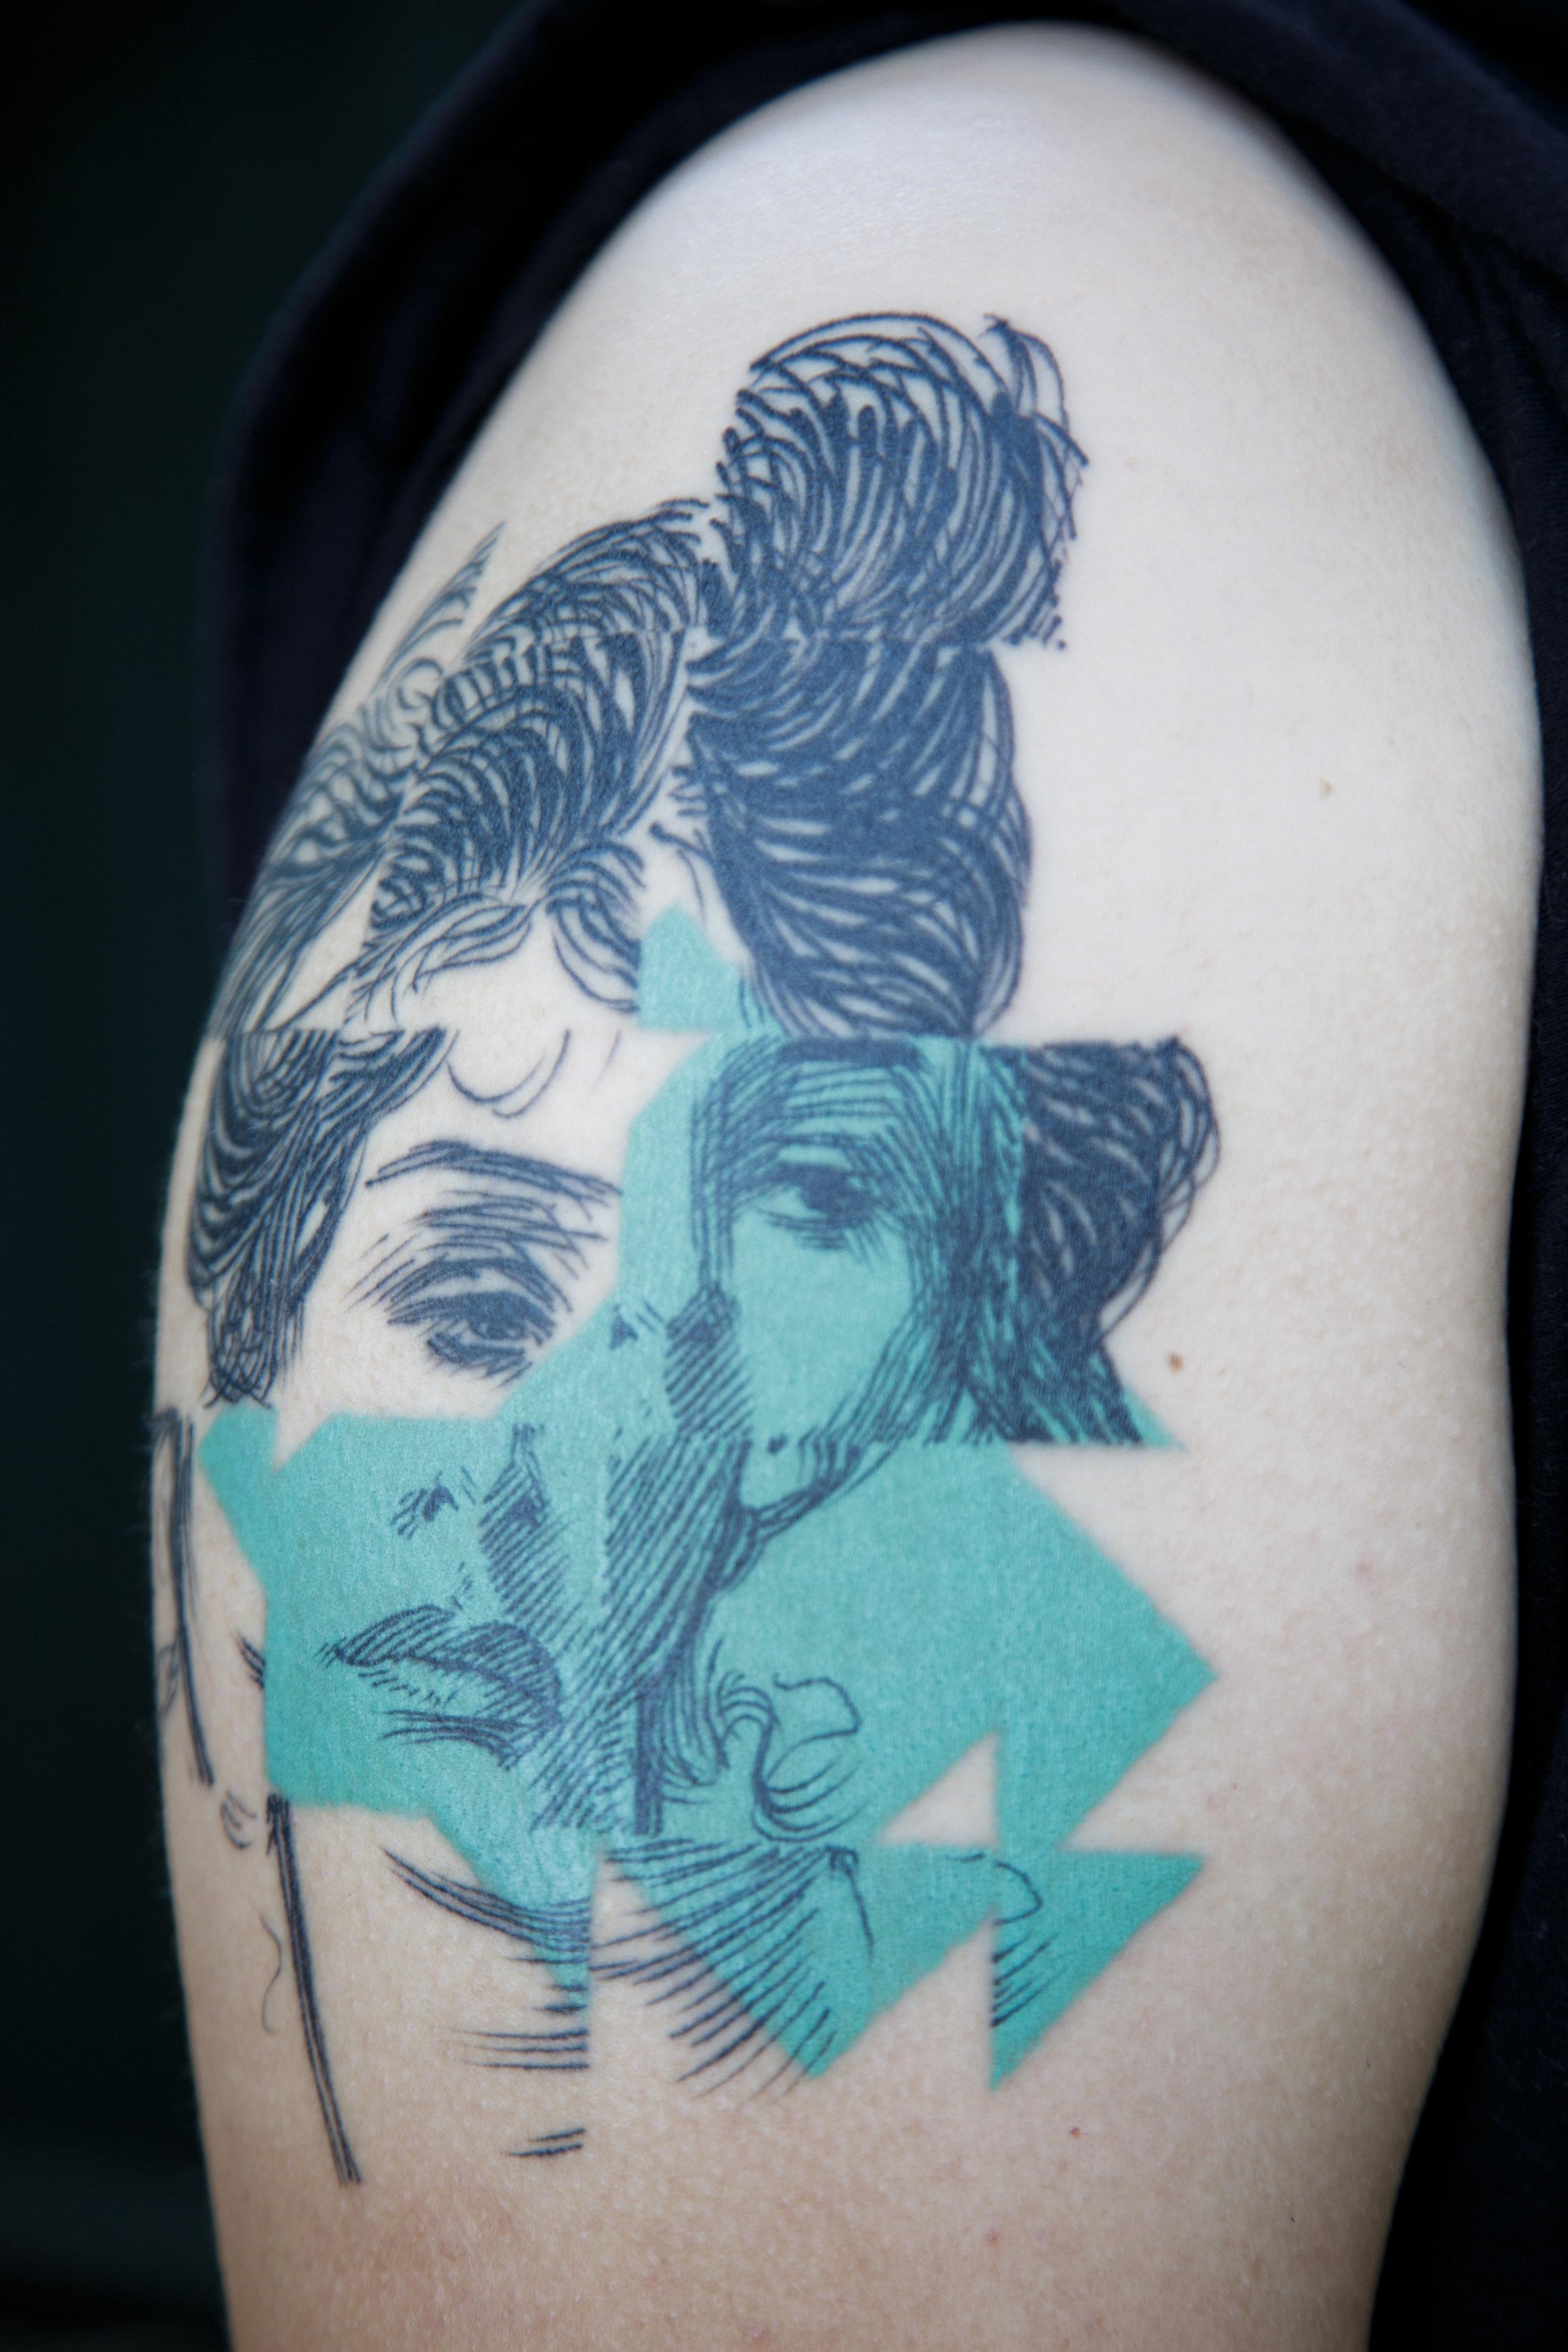 Tatuagem; 25x20 cm, 2017